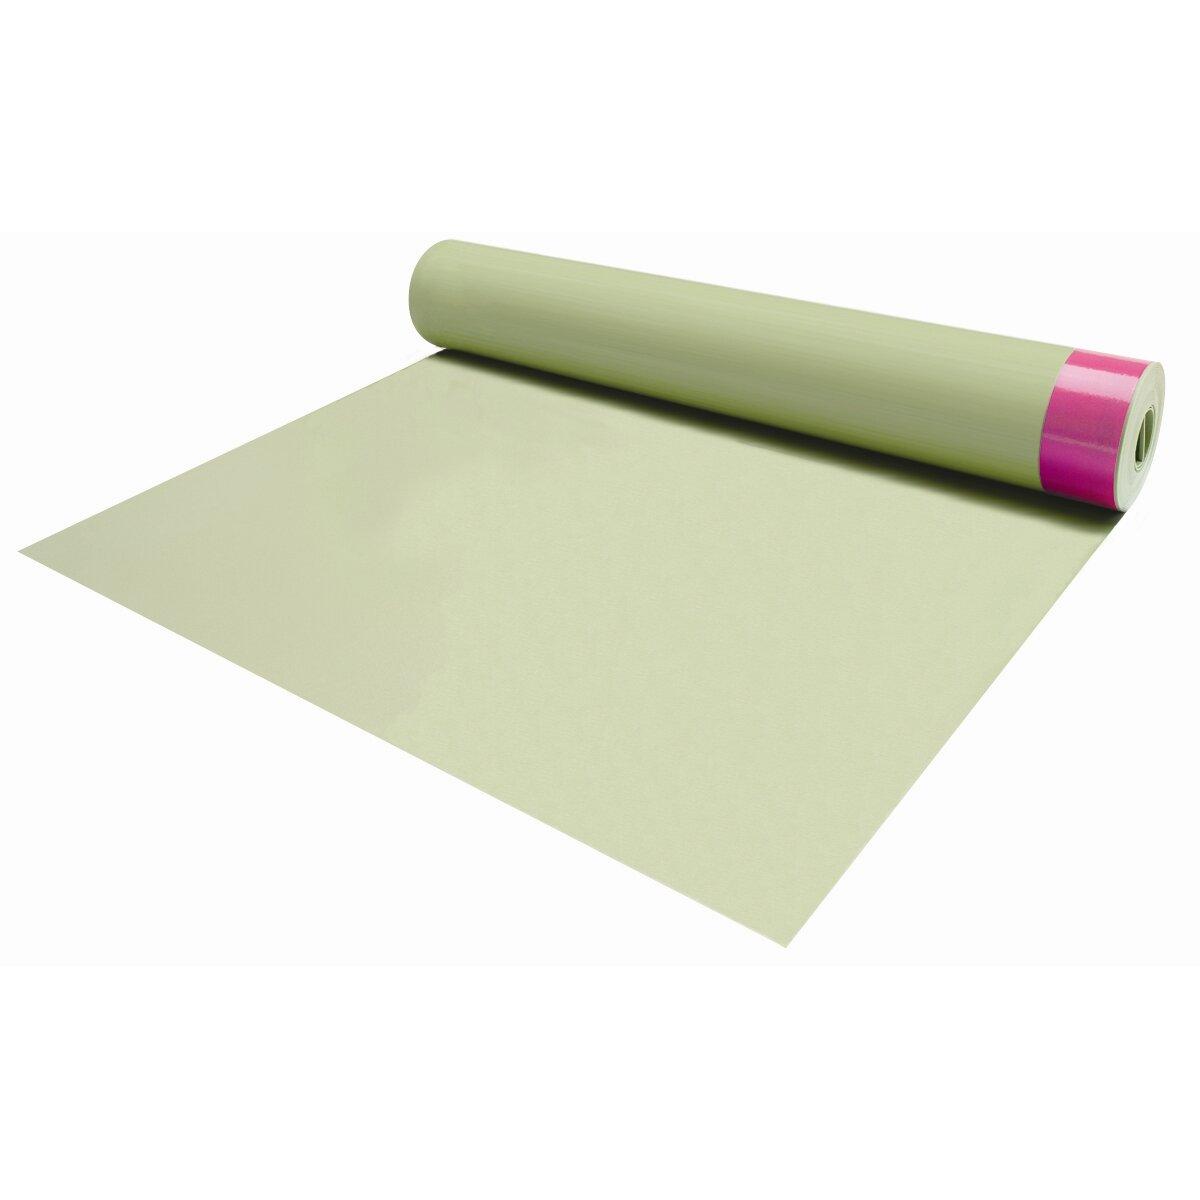 Floor muffler ultraseal underlayment reviews wayfair for Floor underlayment